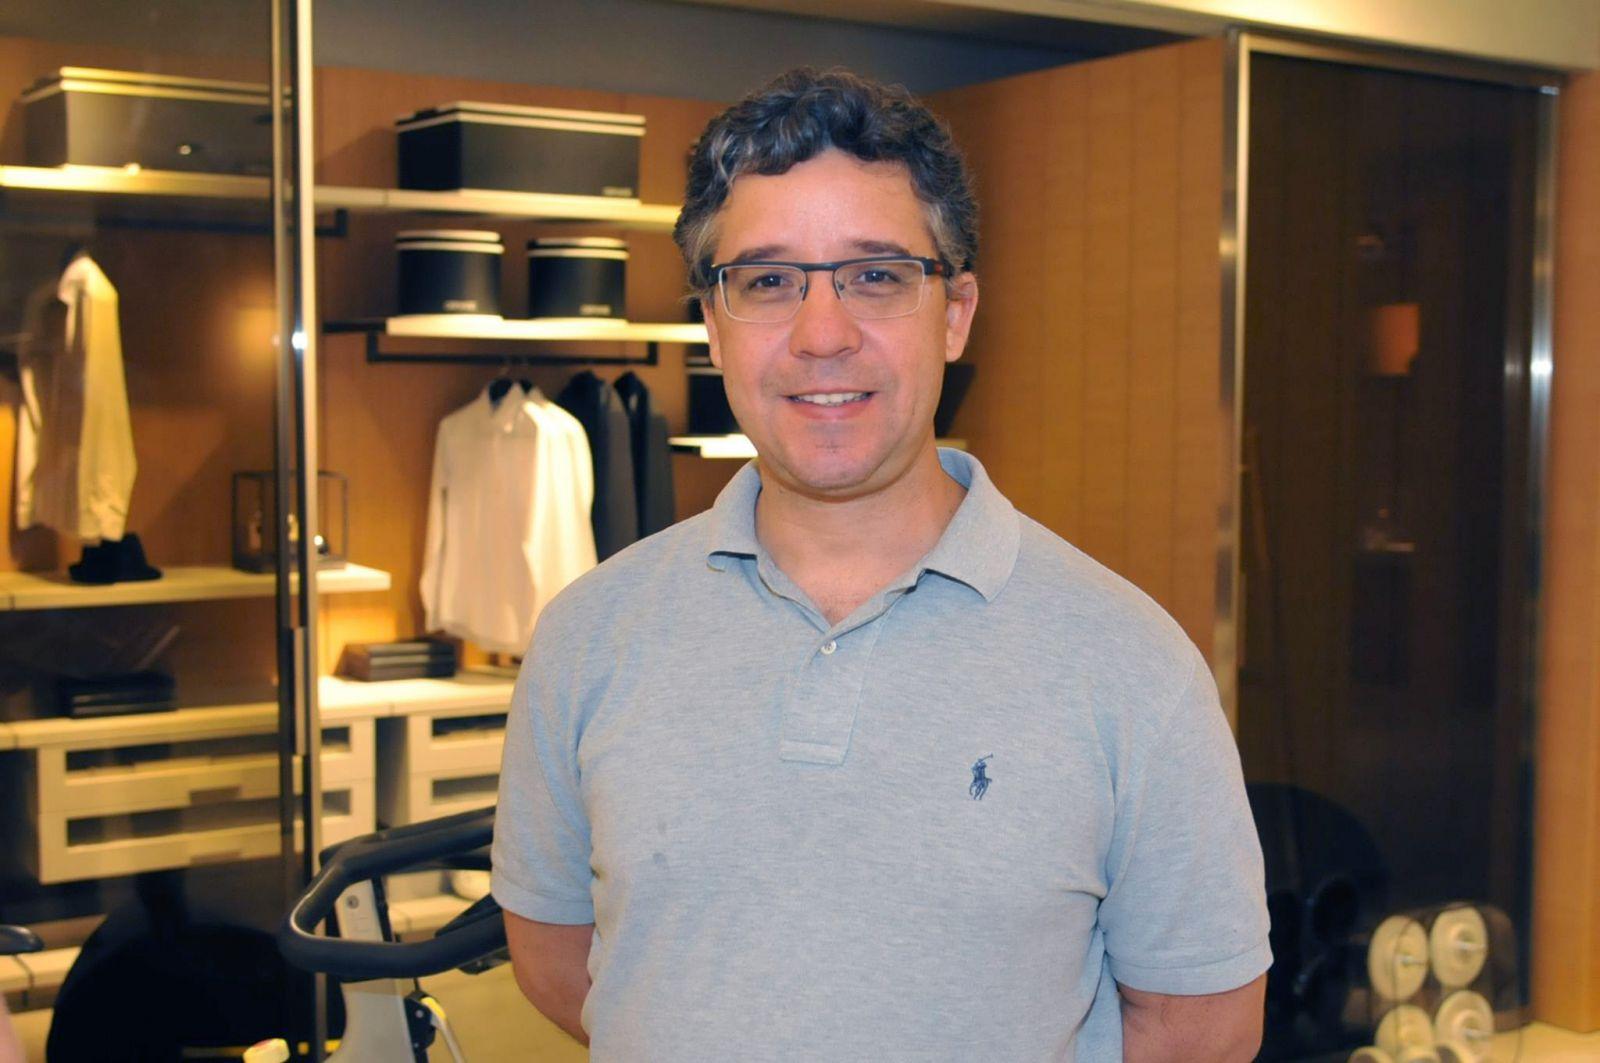 José Marcelino o nobre arquiteto de interiores é o very special aniversariante de hoje